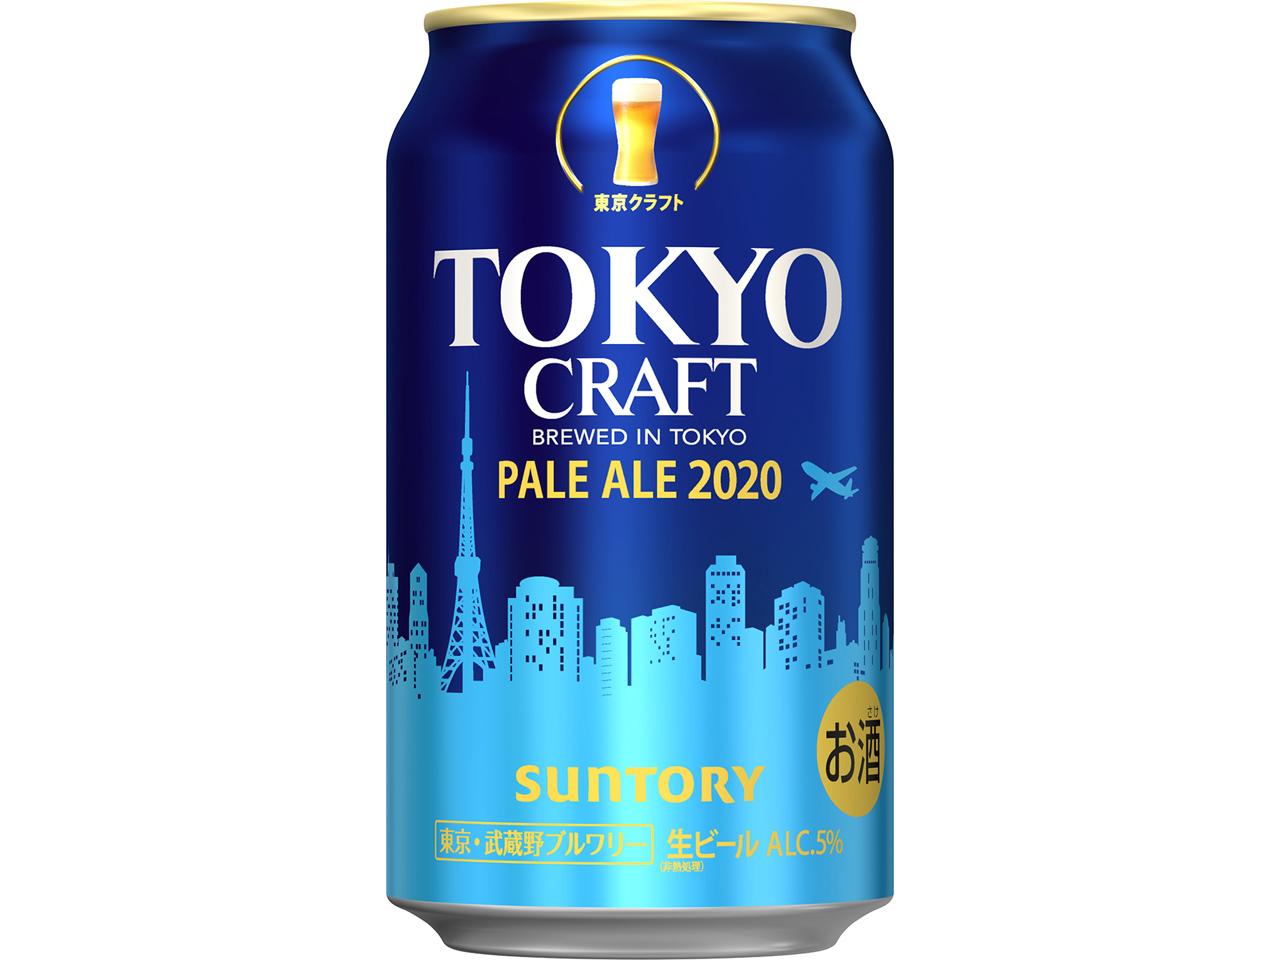 【送料無料】サントリー TOKYO CRAFT (東京クラフト)ペールエール 350ml×2ケース【北海道・沖縄県・東北・四国・九州地方は必ず送料が掛かります。】